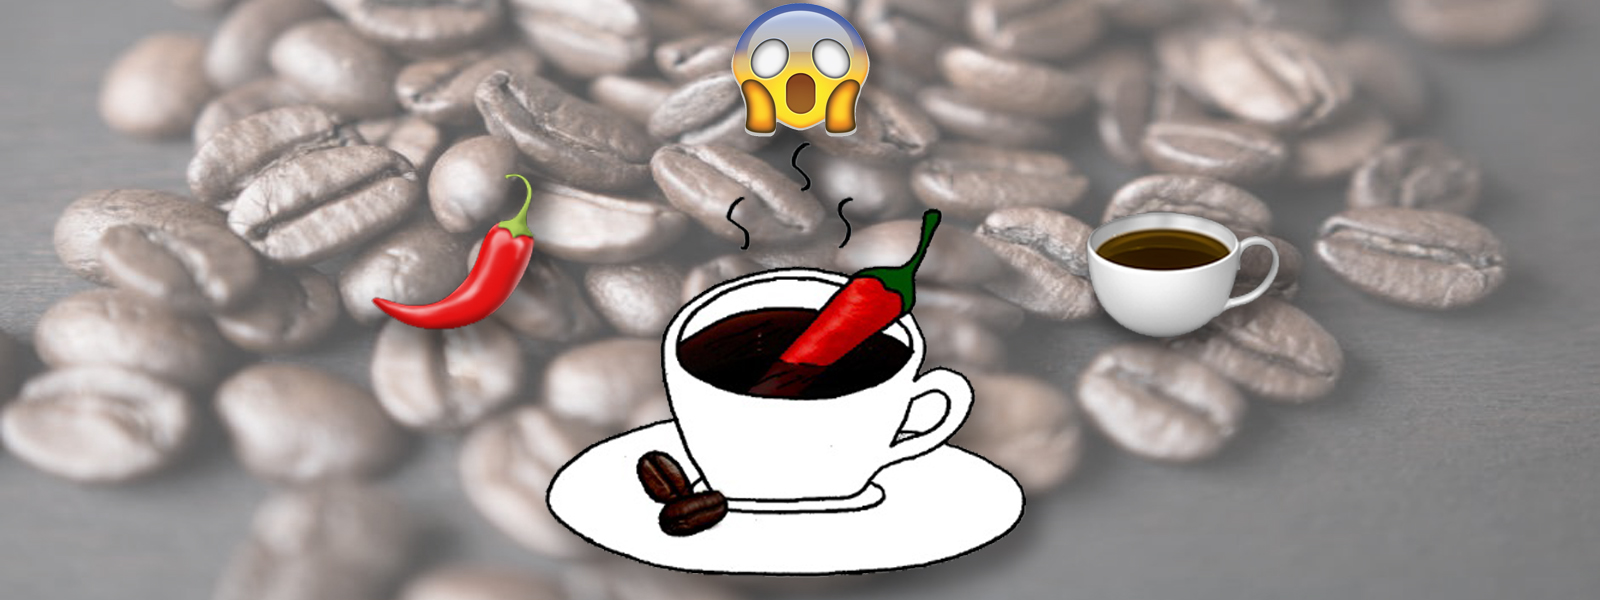 koffie-met-peper-is-back